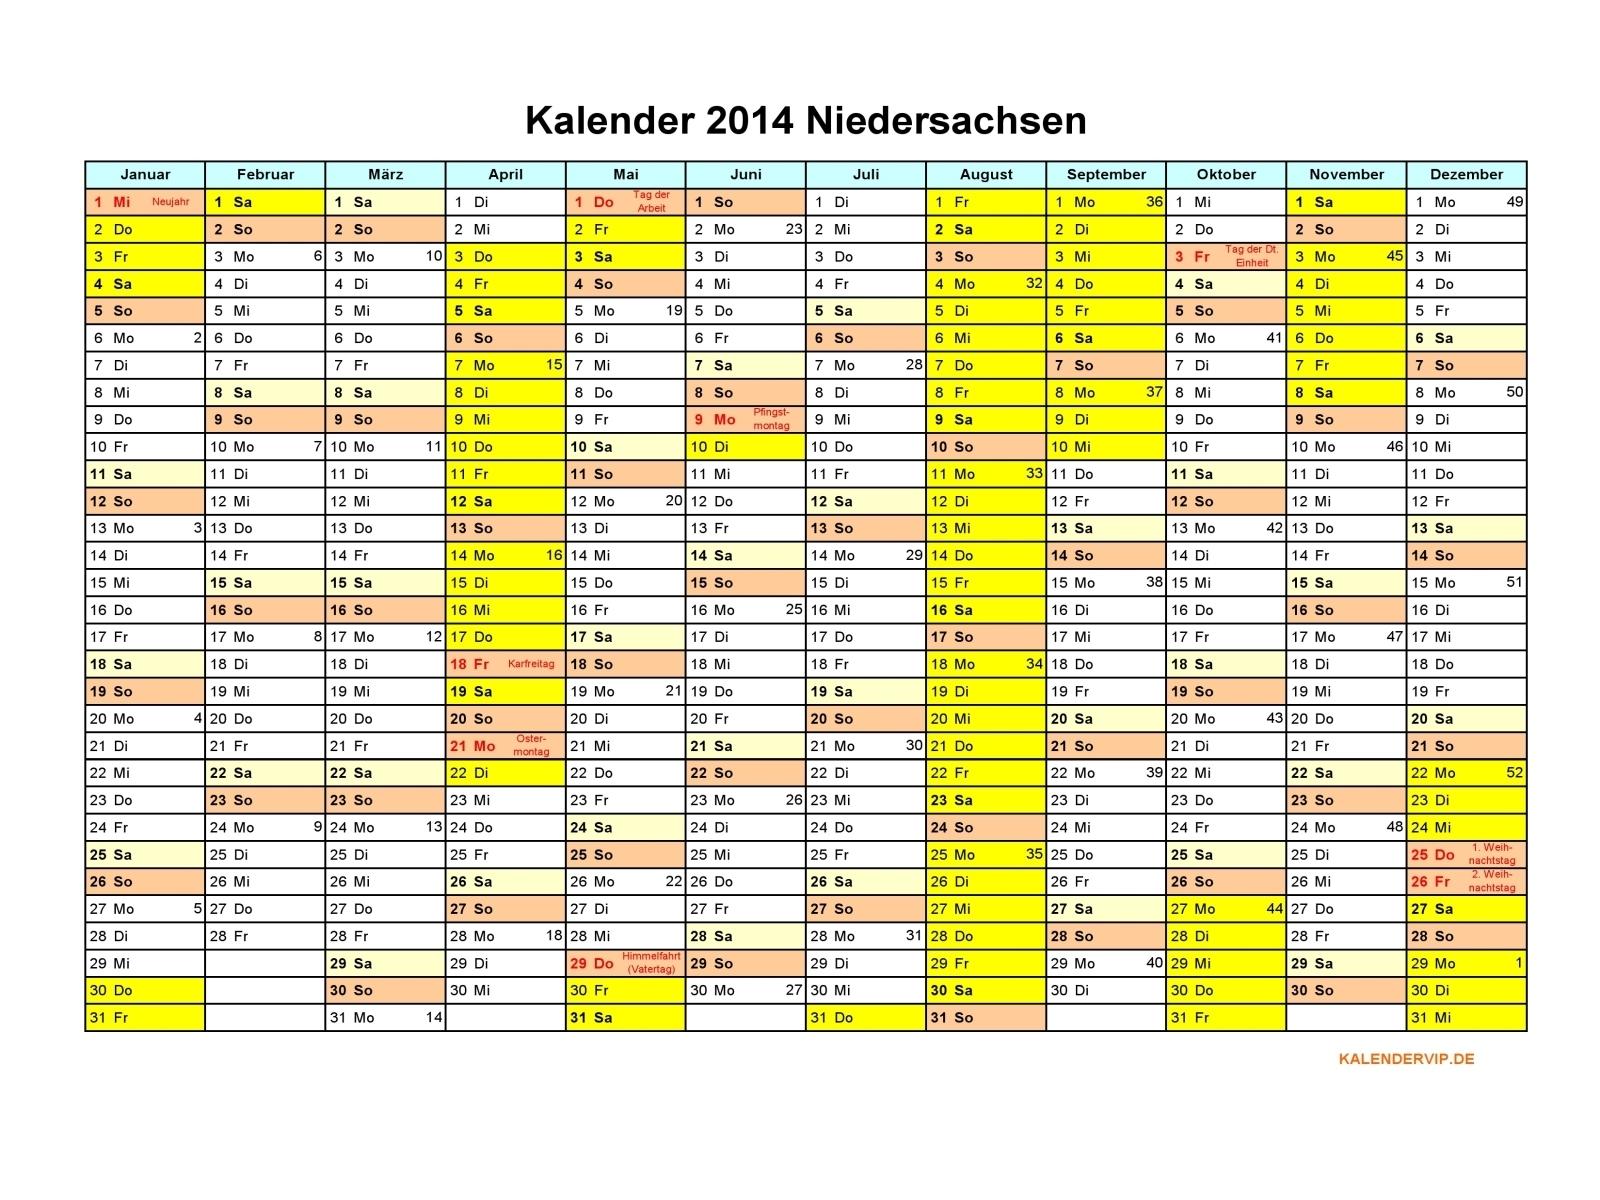 Kalender 2014 Niedersachsen Vorlage 1 für PDF, Excel, Word und JPG